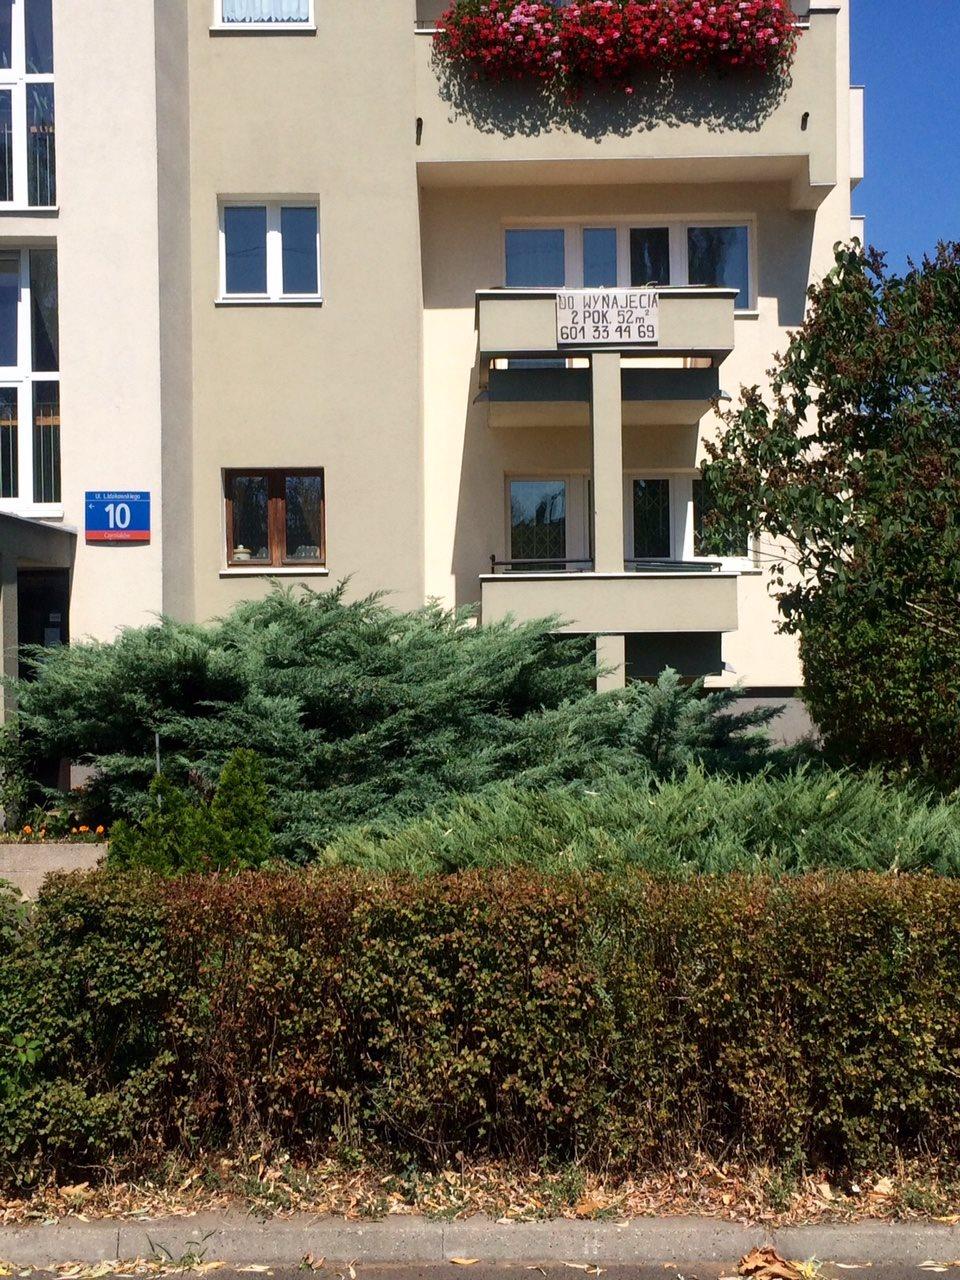 Mieszkanie dwupokojowe na wynajem Warszawa, Mokotów, Idzikowskiego 10  52m2 Foto 1